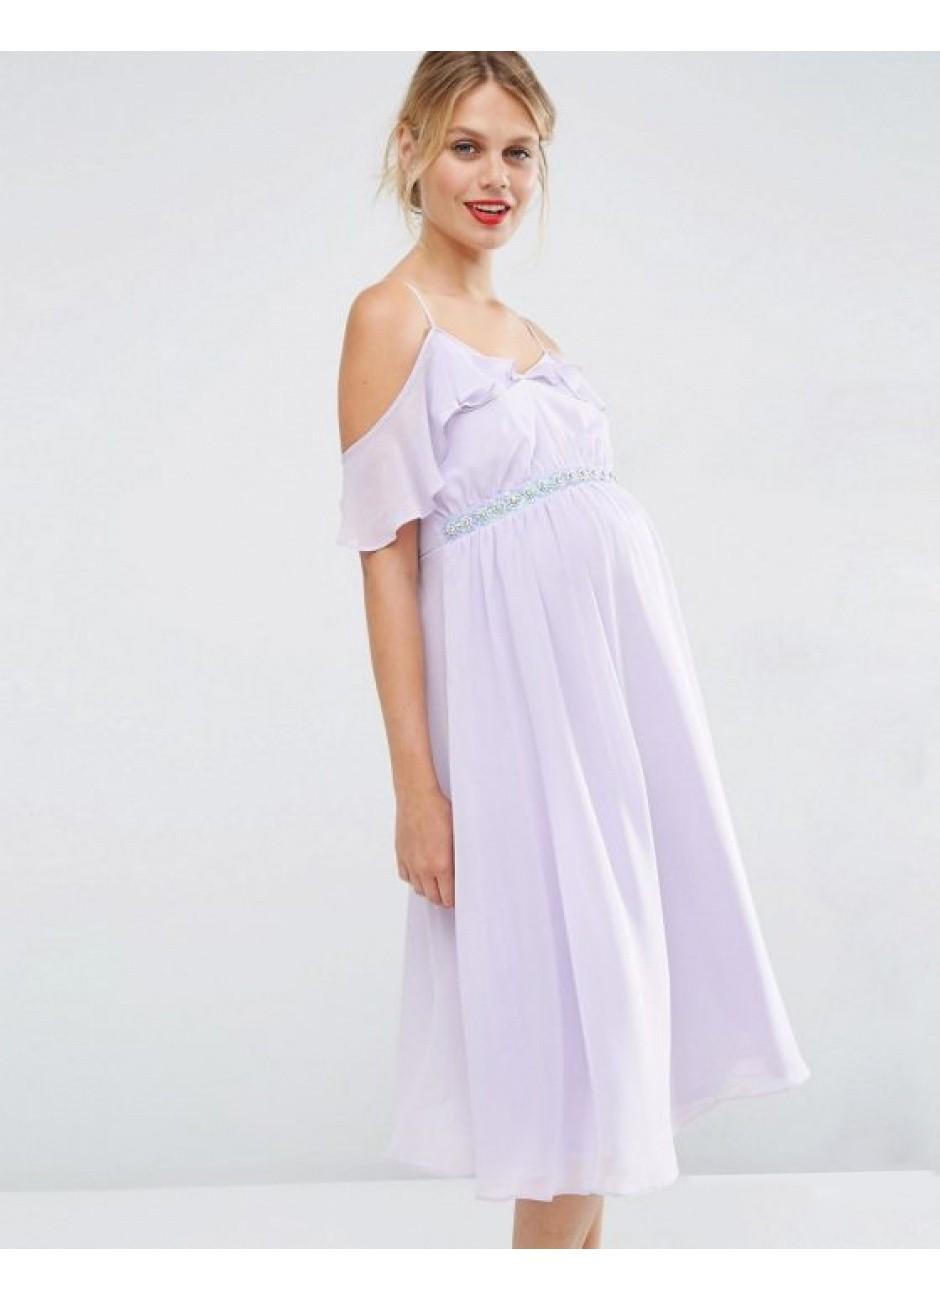 3bb0adbed6550 أجمل أزياء الحمل للتسوق عبر الإنترنت وأفضل المواقع - Savoir Flair Al ...